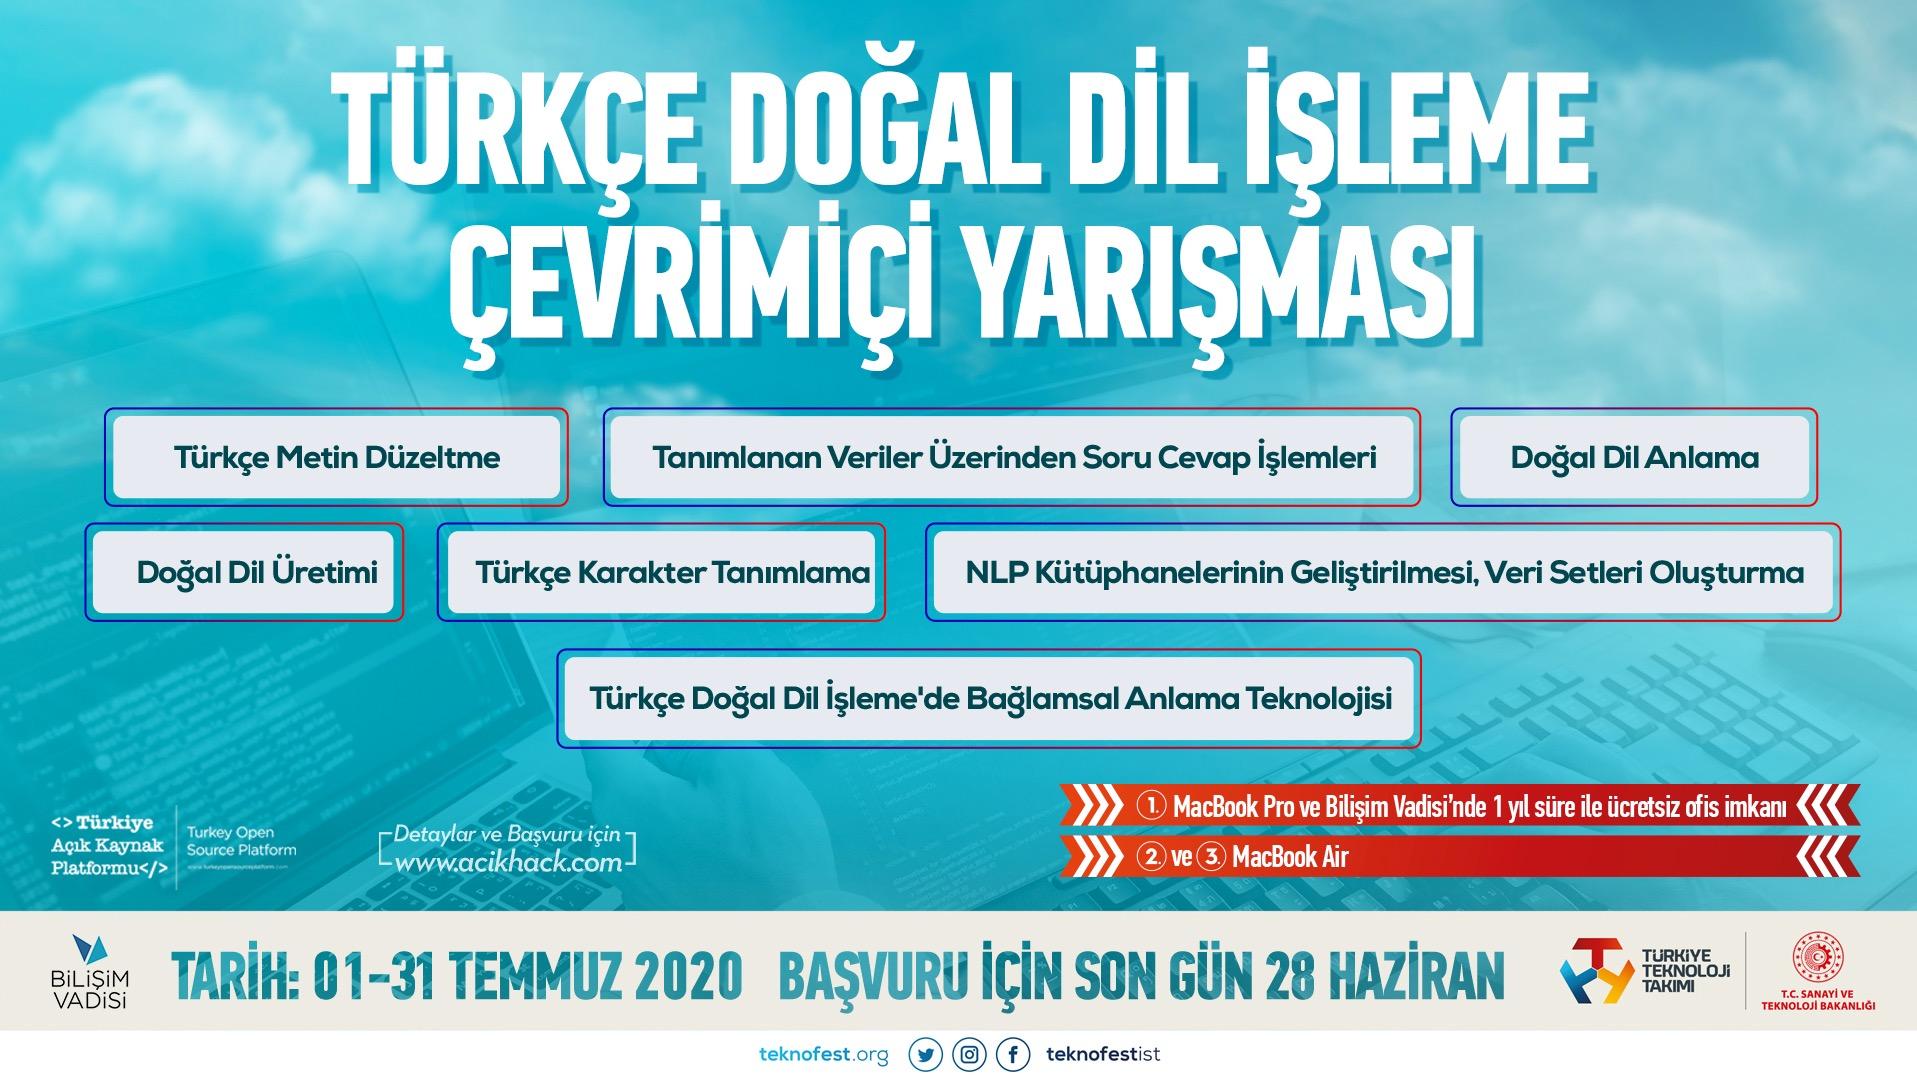 Online Yarışma: Türkçe Doğal Dil İşleme